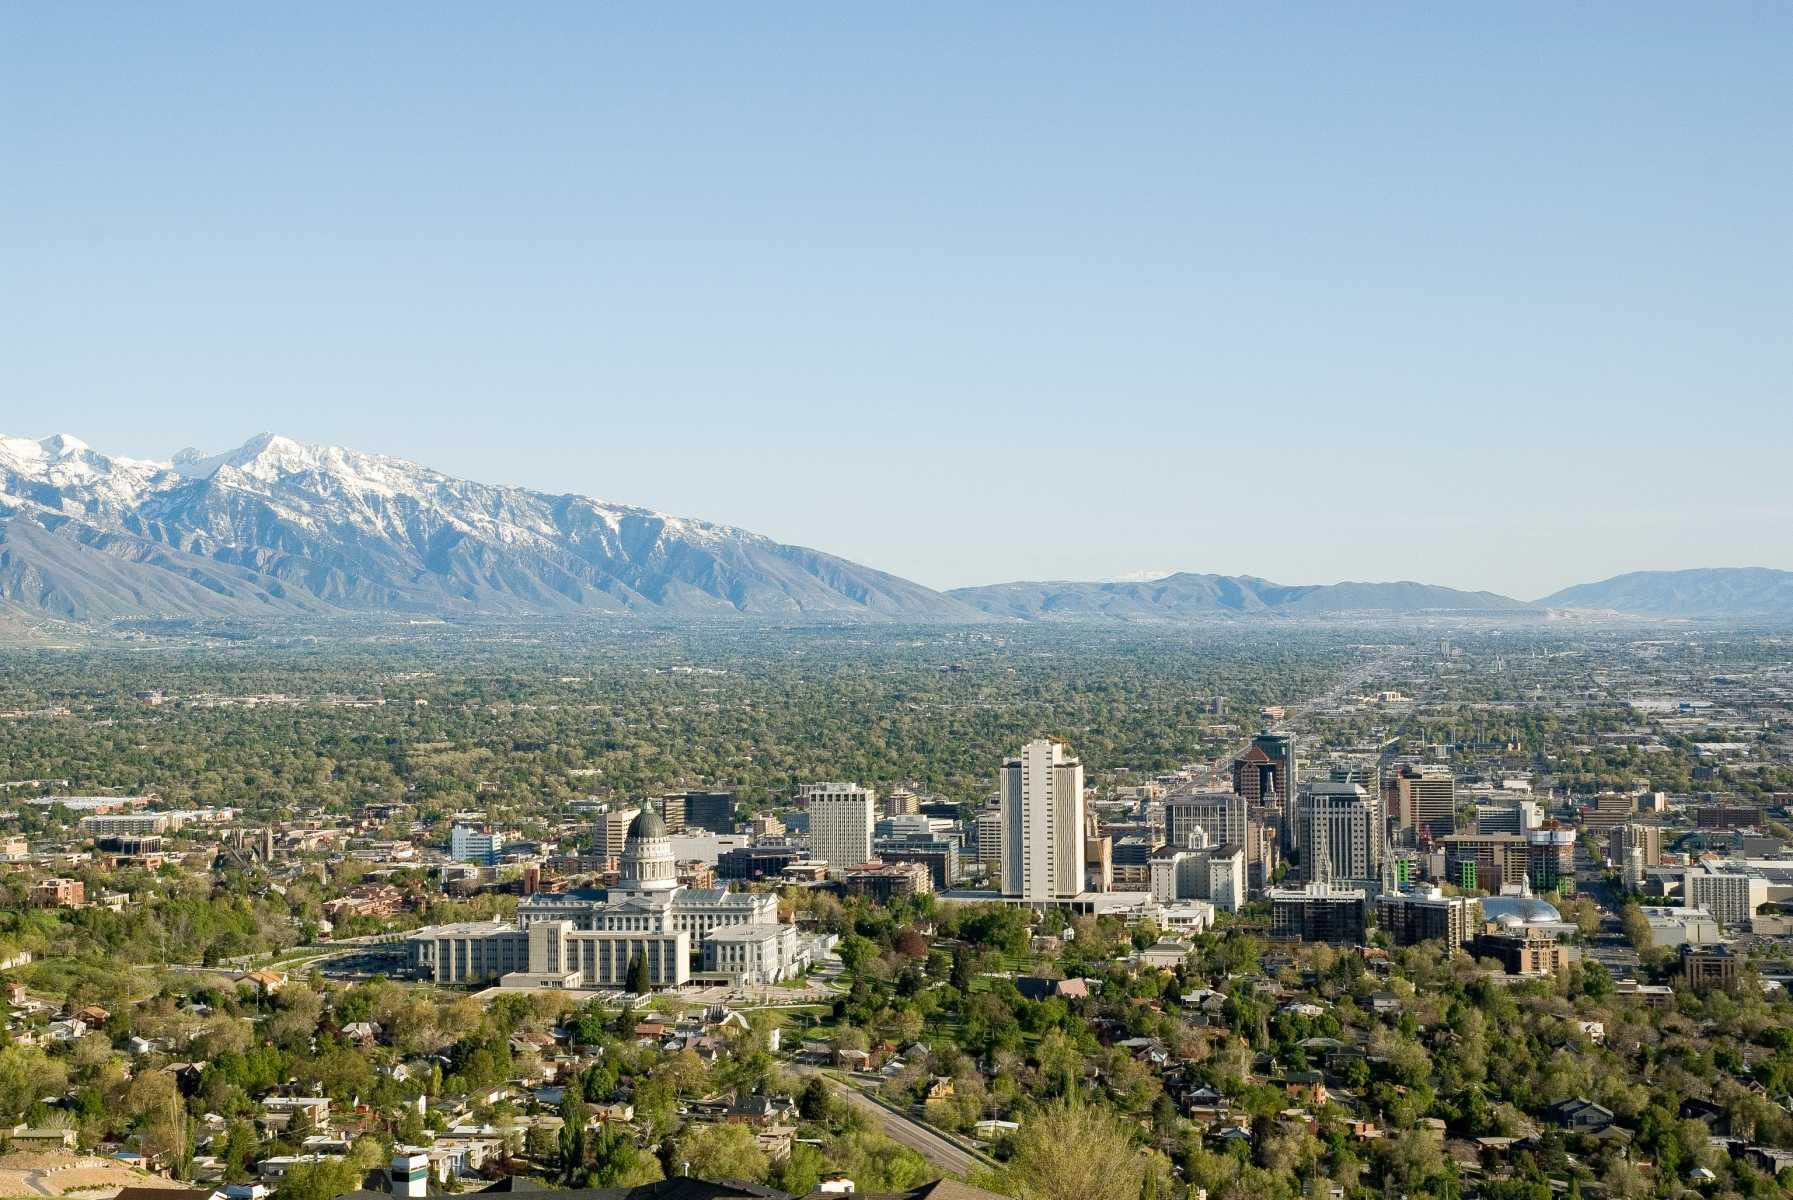 Etats-unis - Salt Lake City - Vue de la colline d'Ensign Park. Au centre, le Capitole de l'état d'Utah. A droite, Temple Square. En arrière-plan, les Wasatch Mountains.